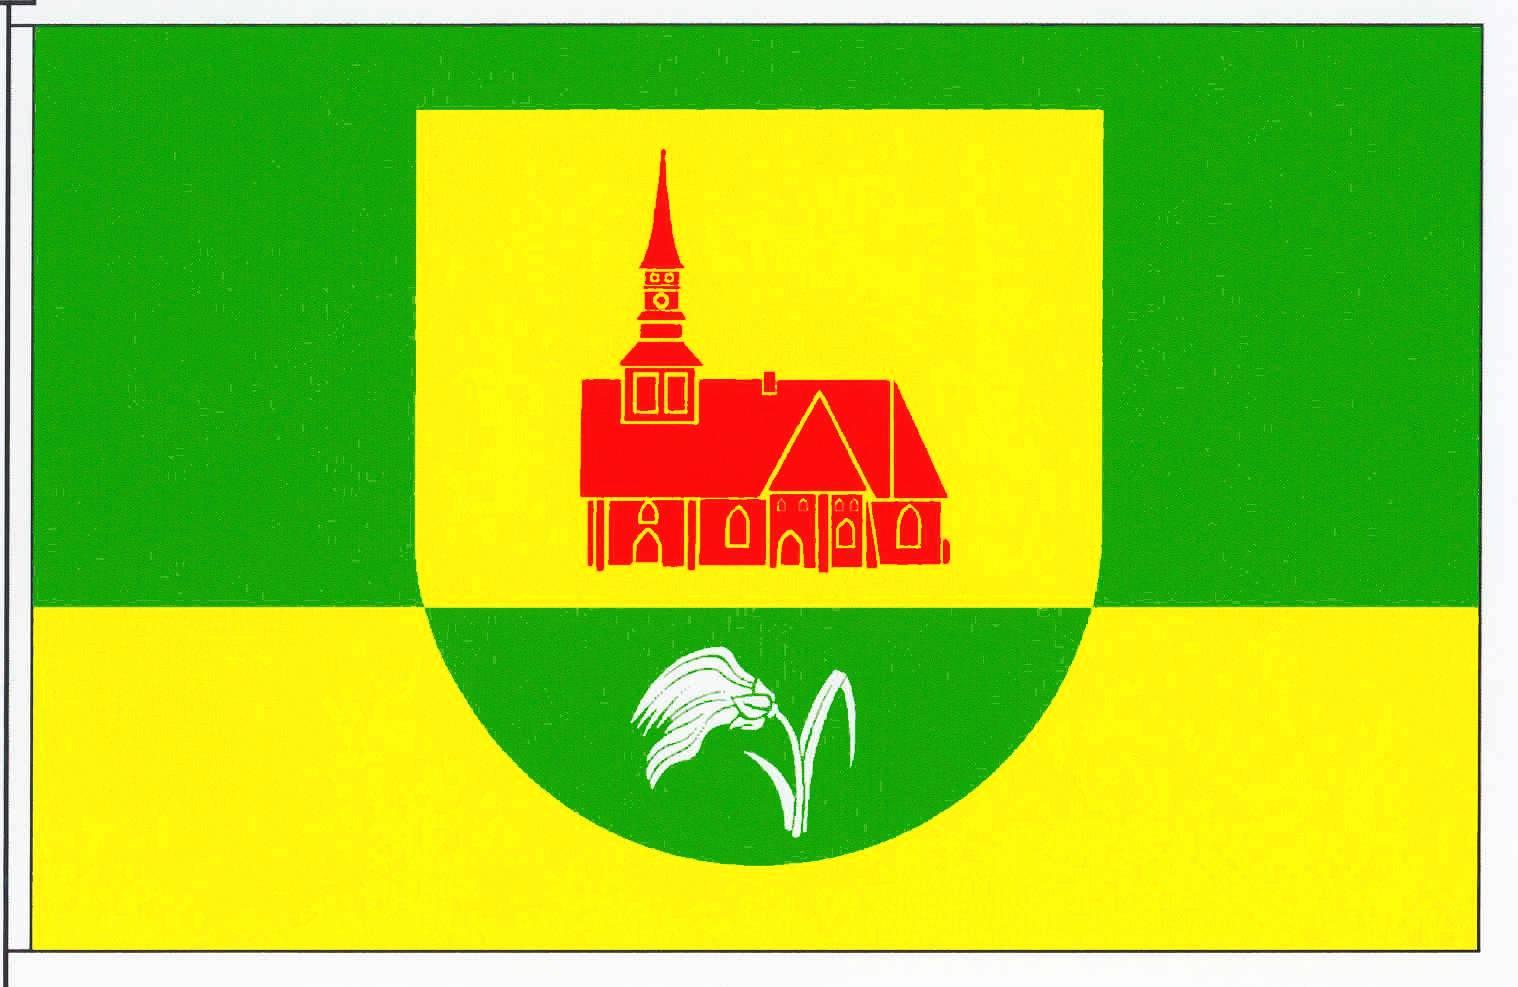 Flagge GemeindeNeuenkirchen, Kreis Dithmarschen